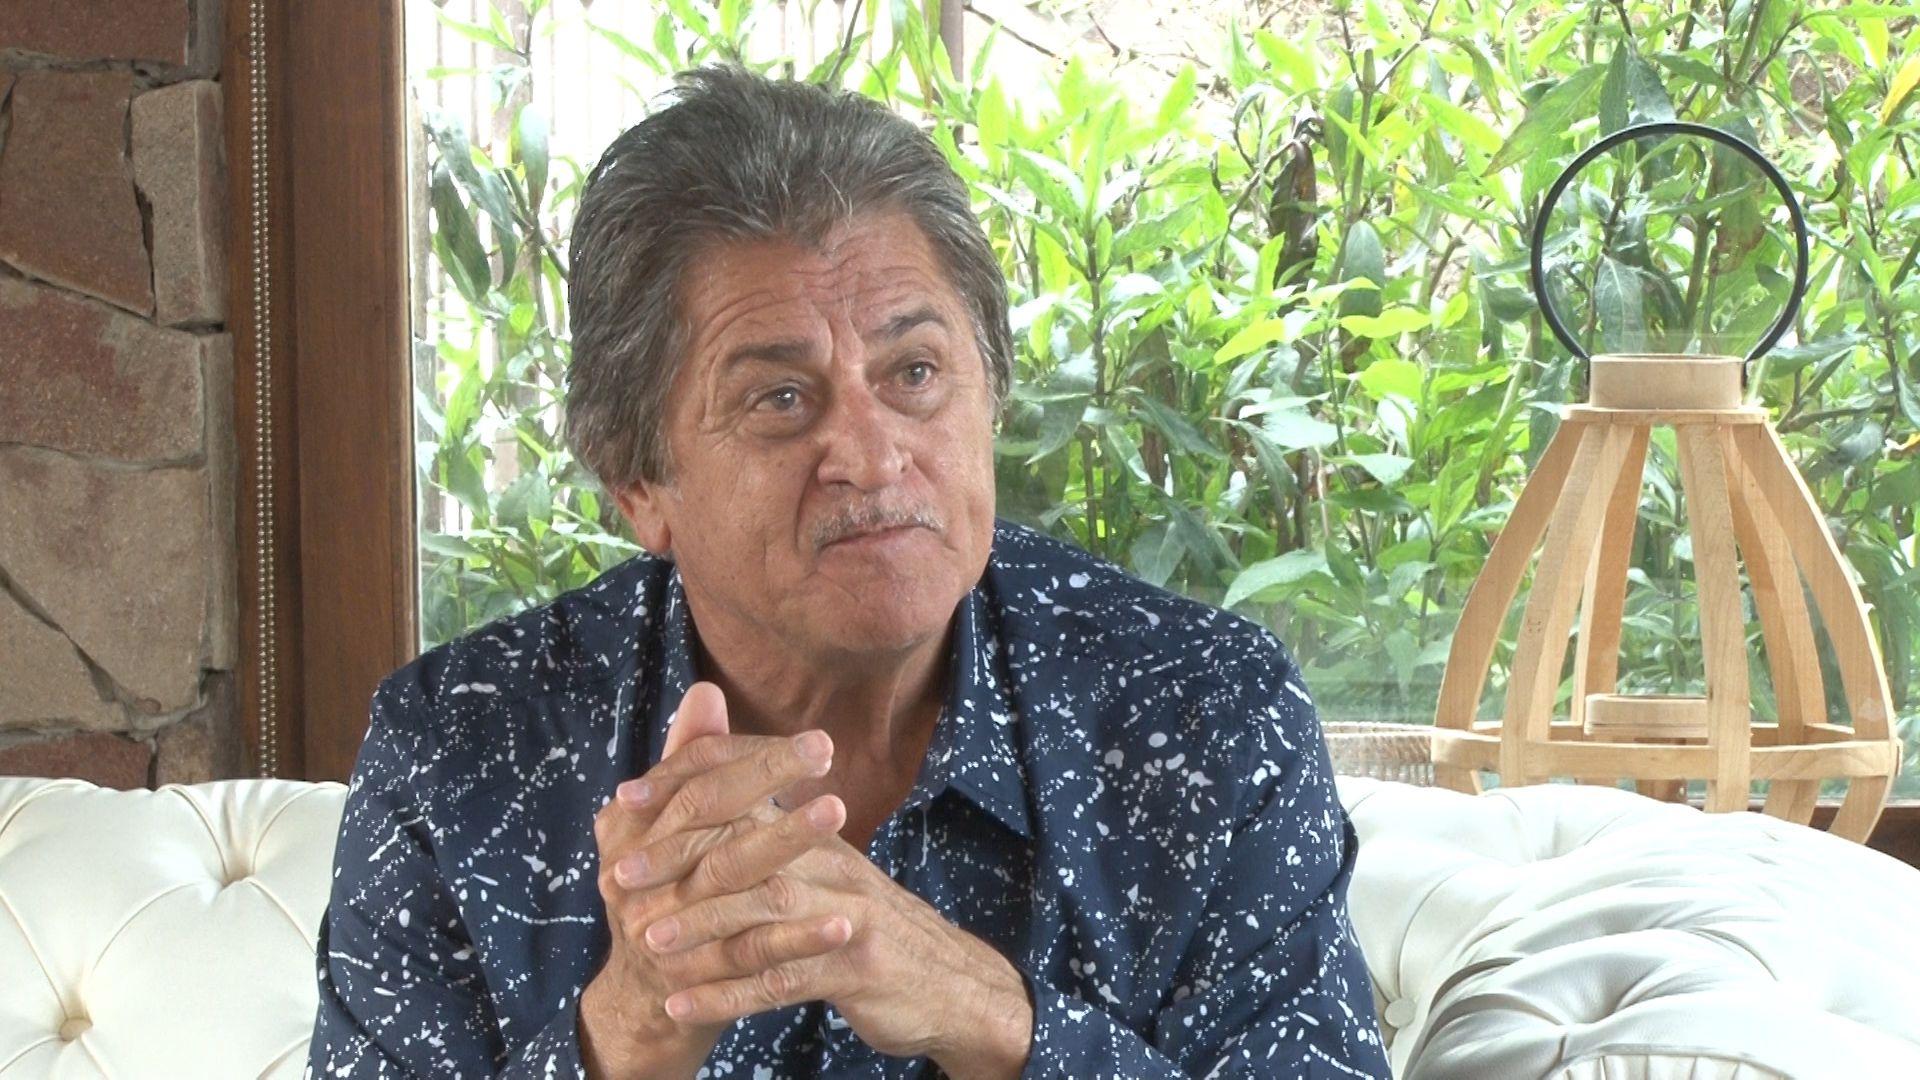 El Pato Fillol denunció que recibió una amenaza de muerte